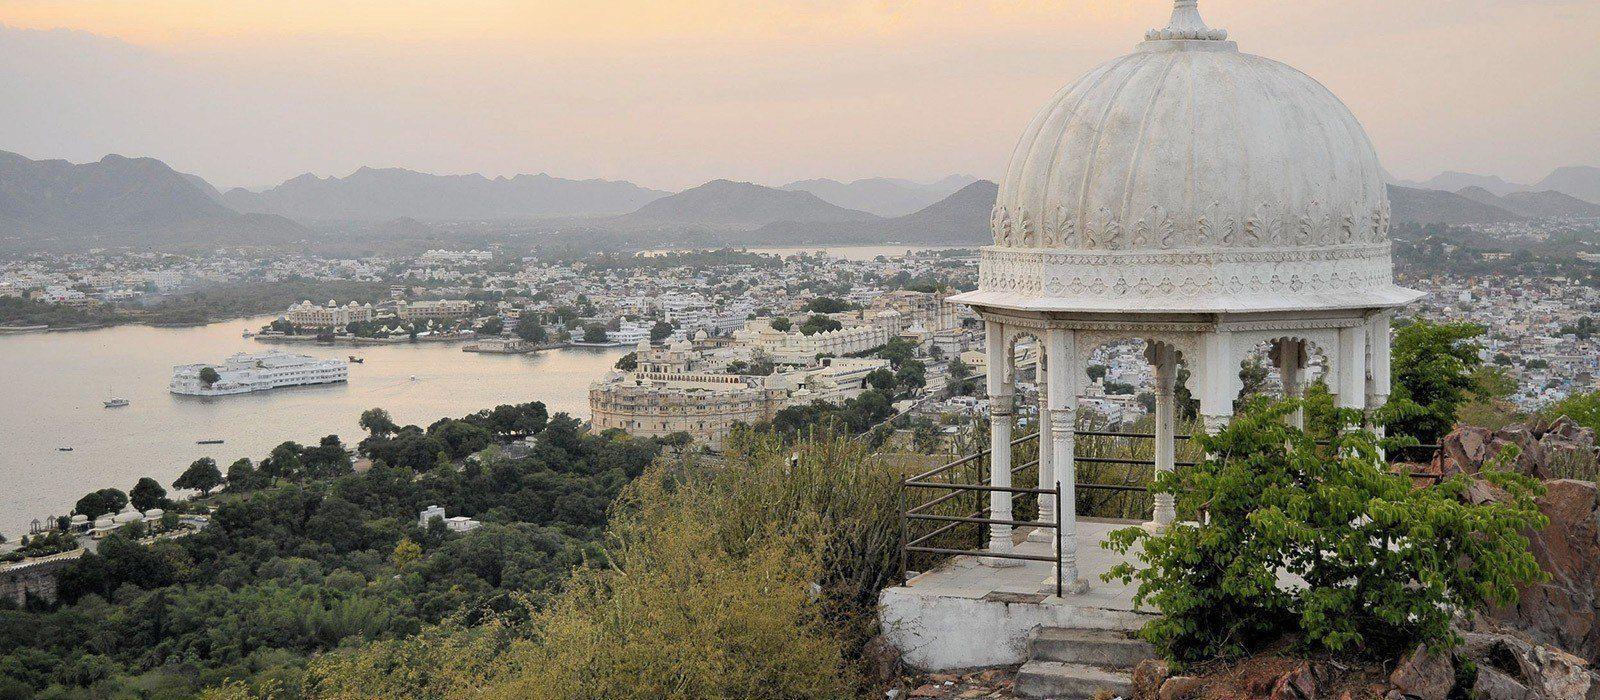 Rajasthan Rundreise: Geheimnisvolle Wüste, Paläste & Seen Urlaub 5